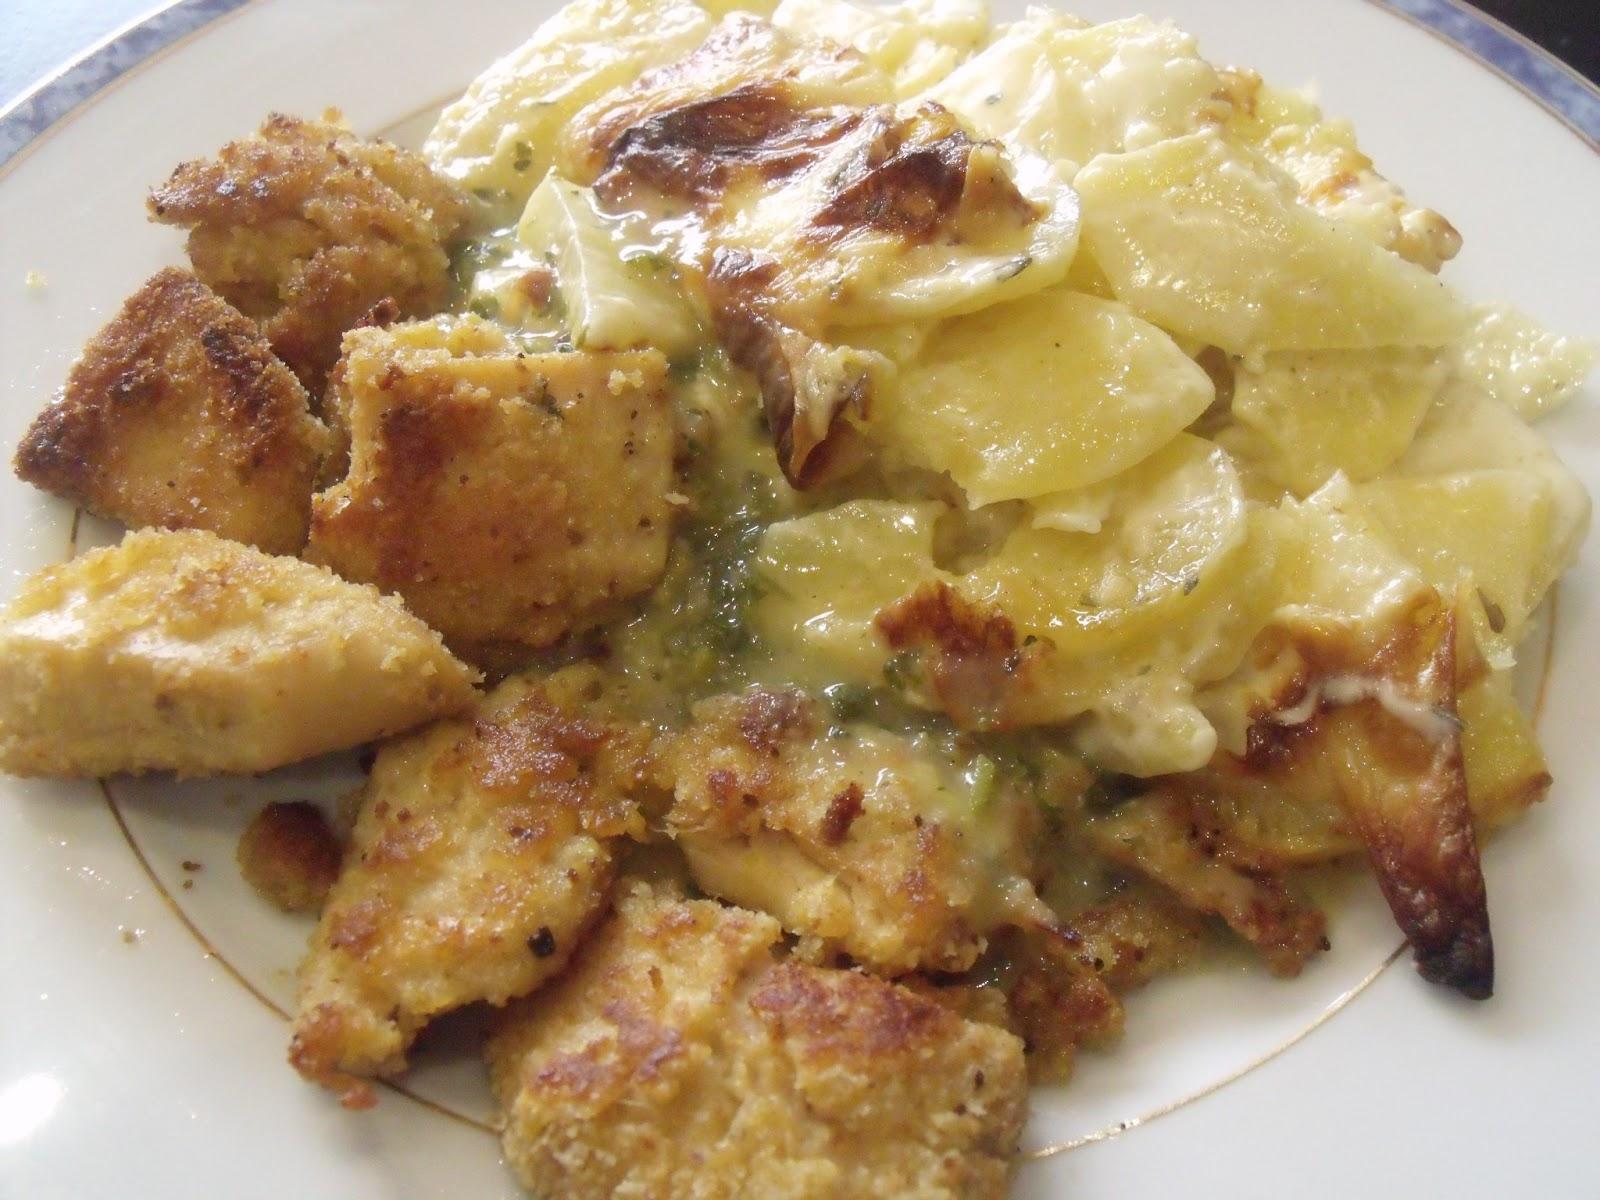 Cuisine de famille recette tablier de sapeur - Tripes a la lyonnaise ...